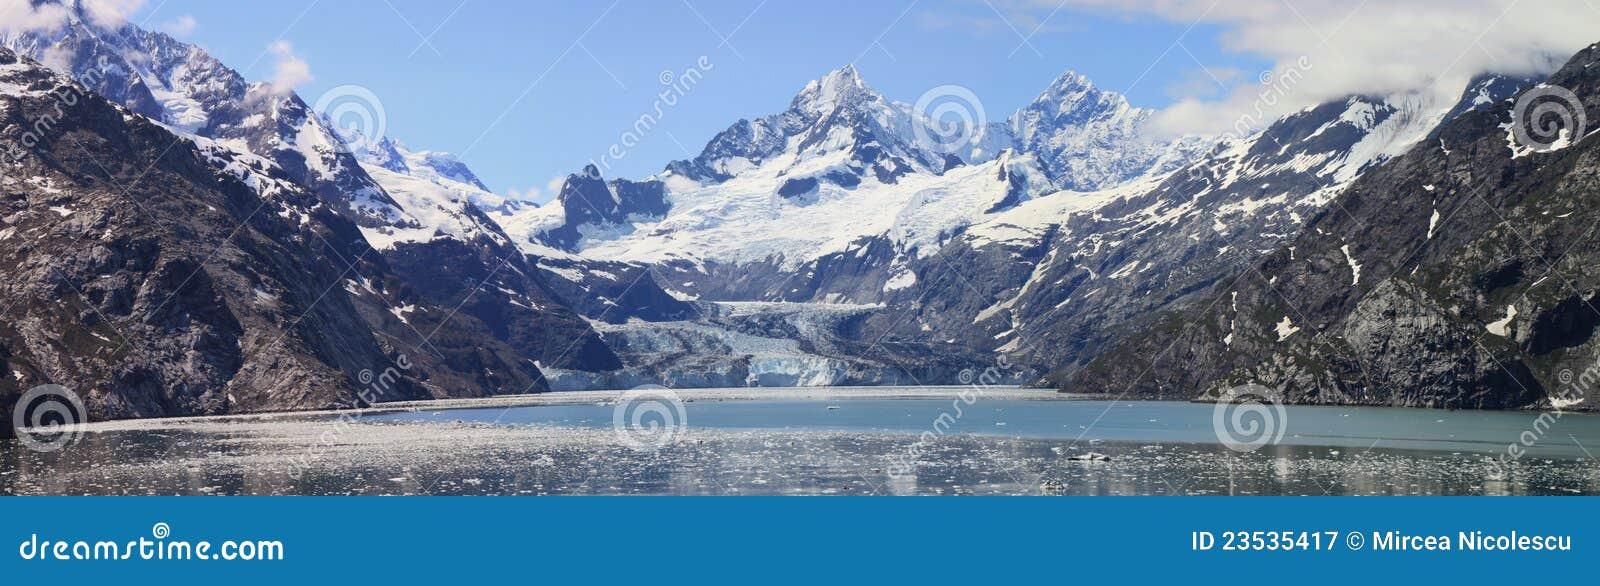 海湾冰川全景